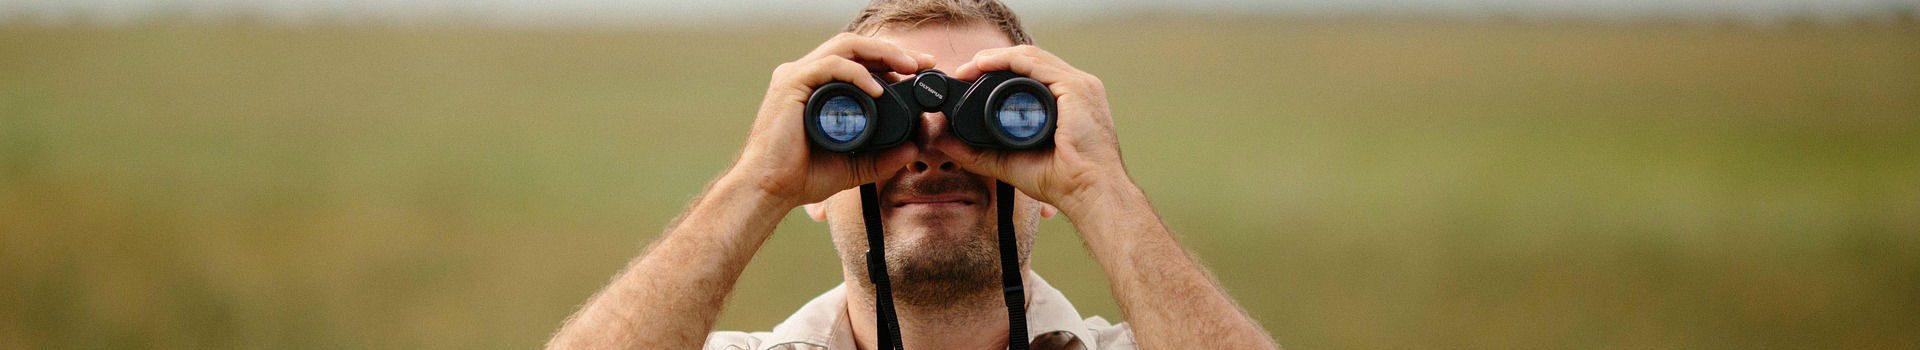 מדריך למטייל בסביבת הגלבוע: במרחק נגיעה מהצימרים